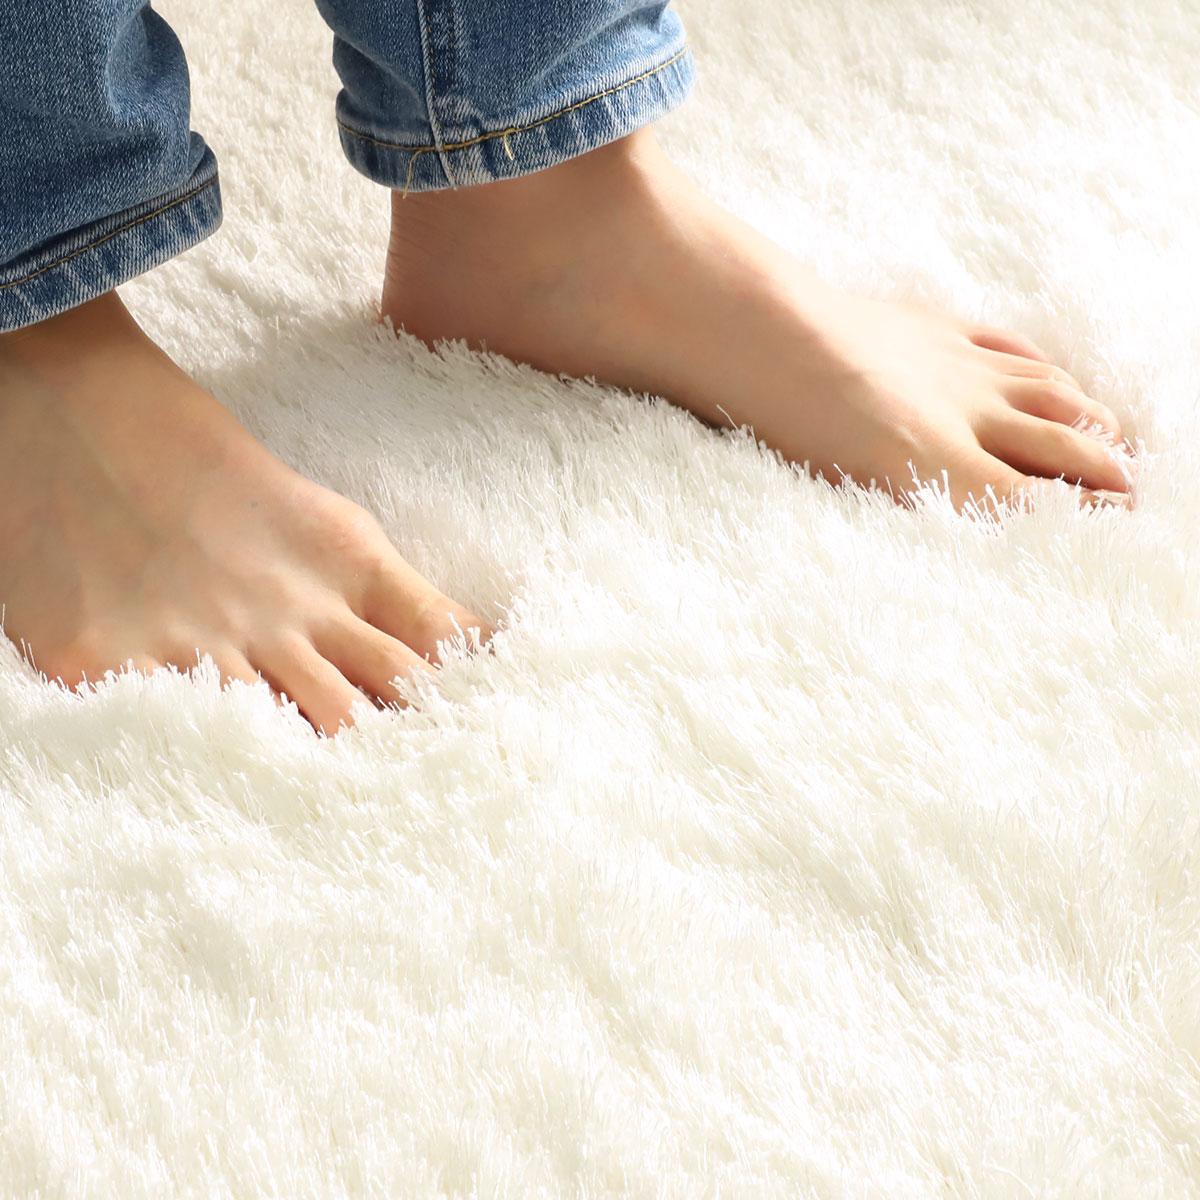 綿素材37%入りなので湿気を吸収する効果があります。